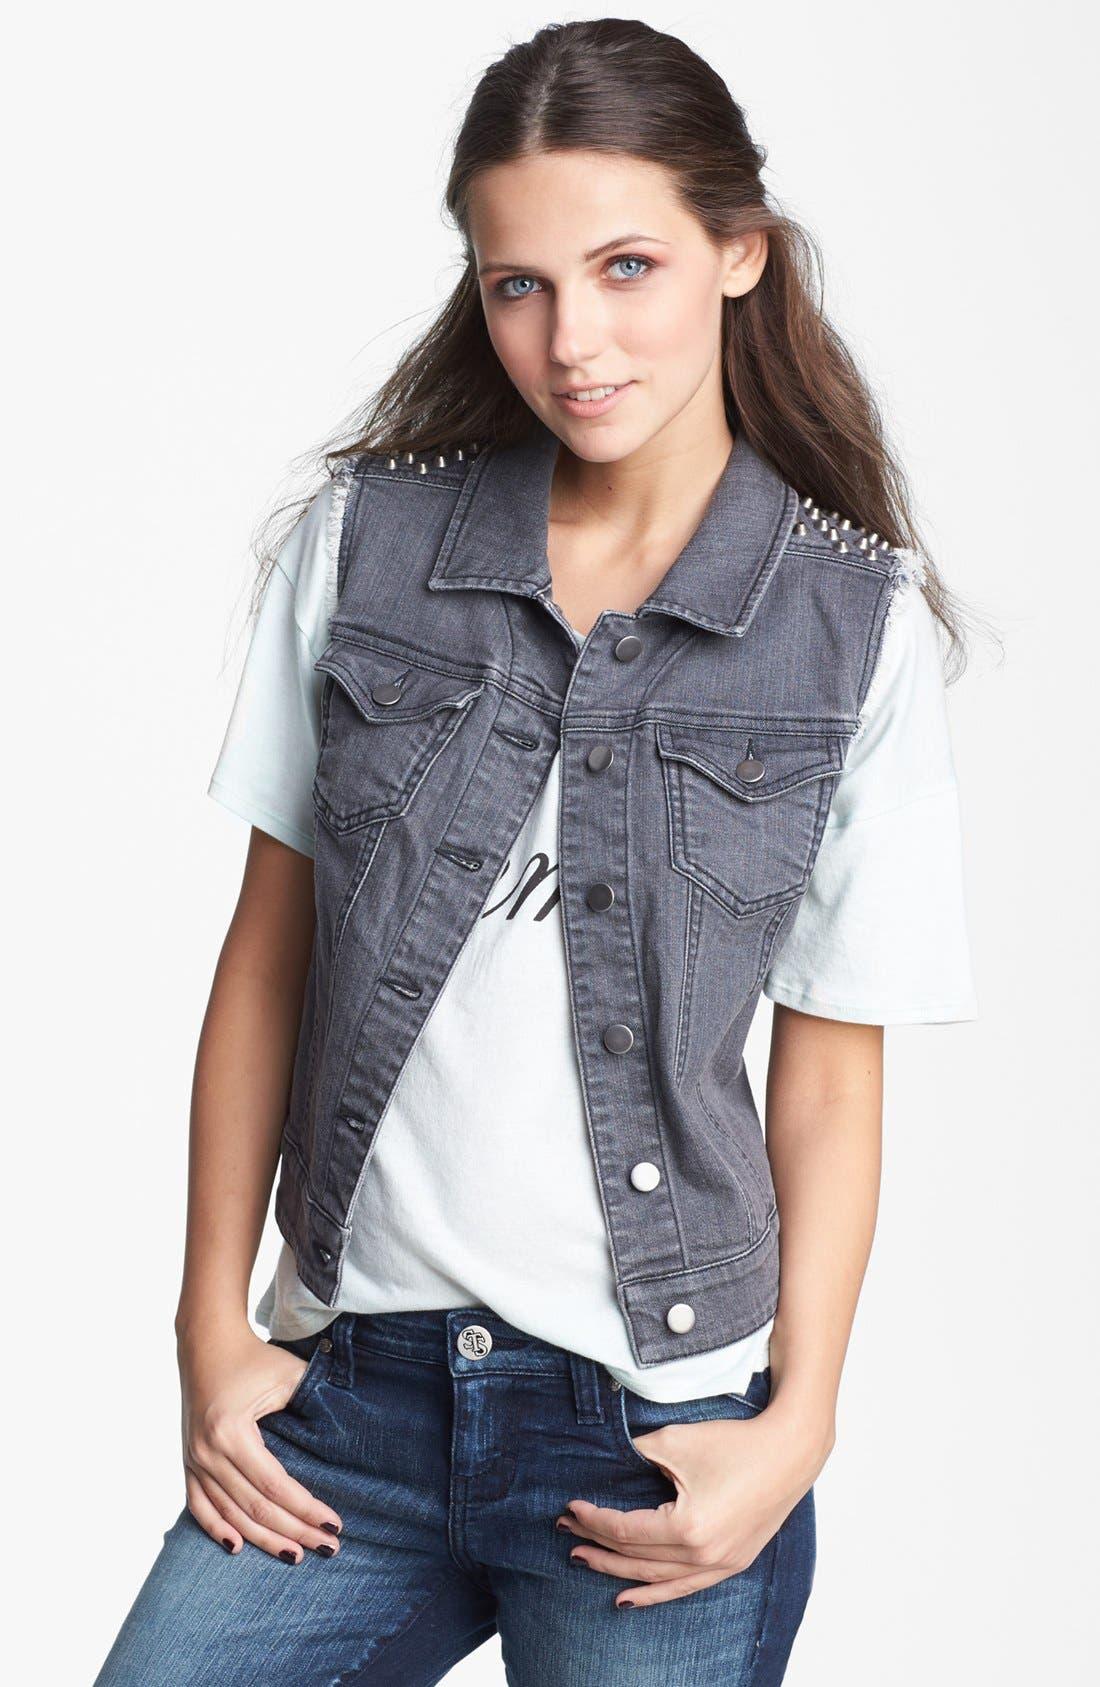 Alternate Image 1 Selected - BP. Studded Denim Vest (Juniors)